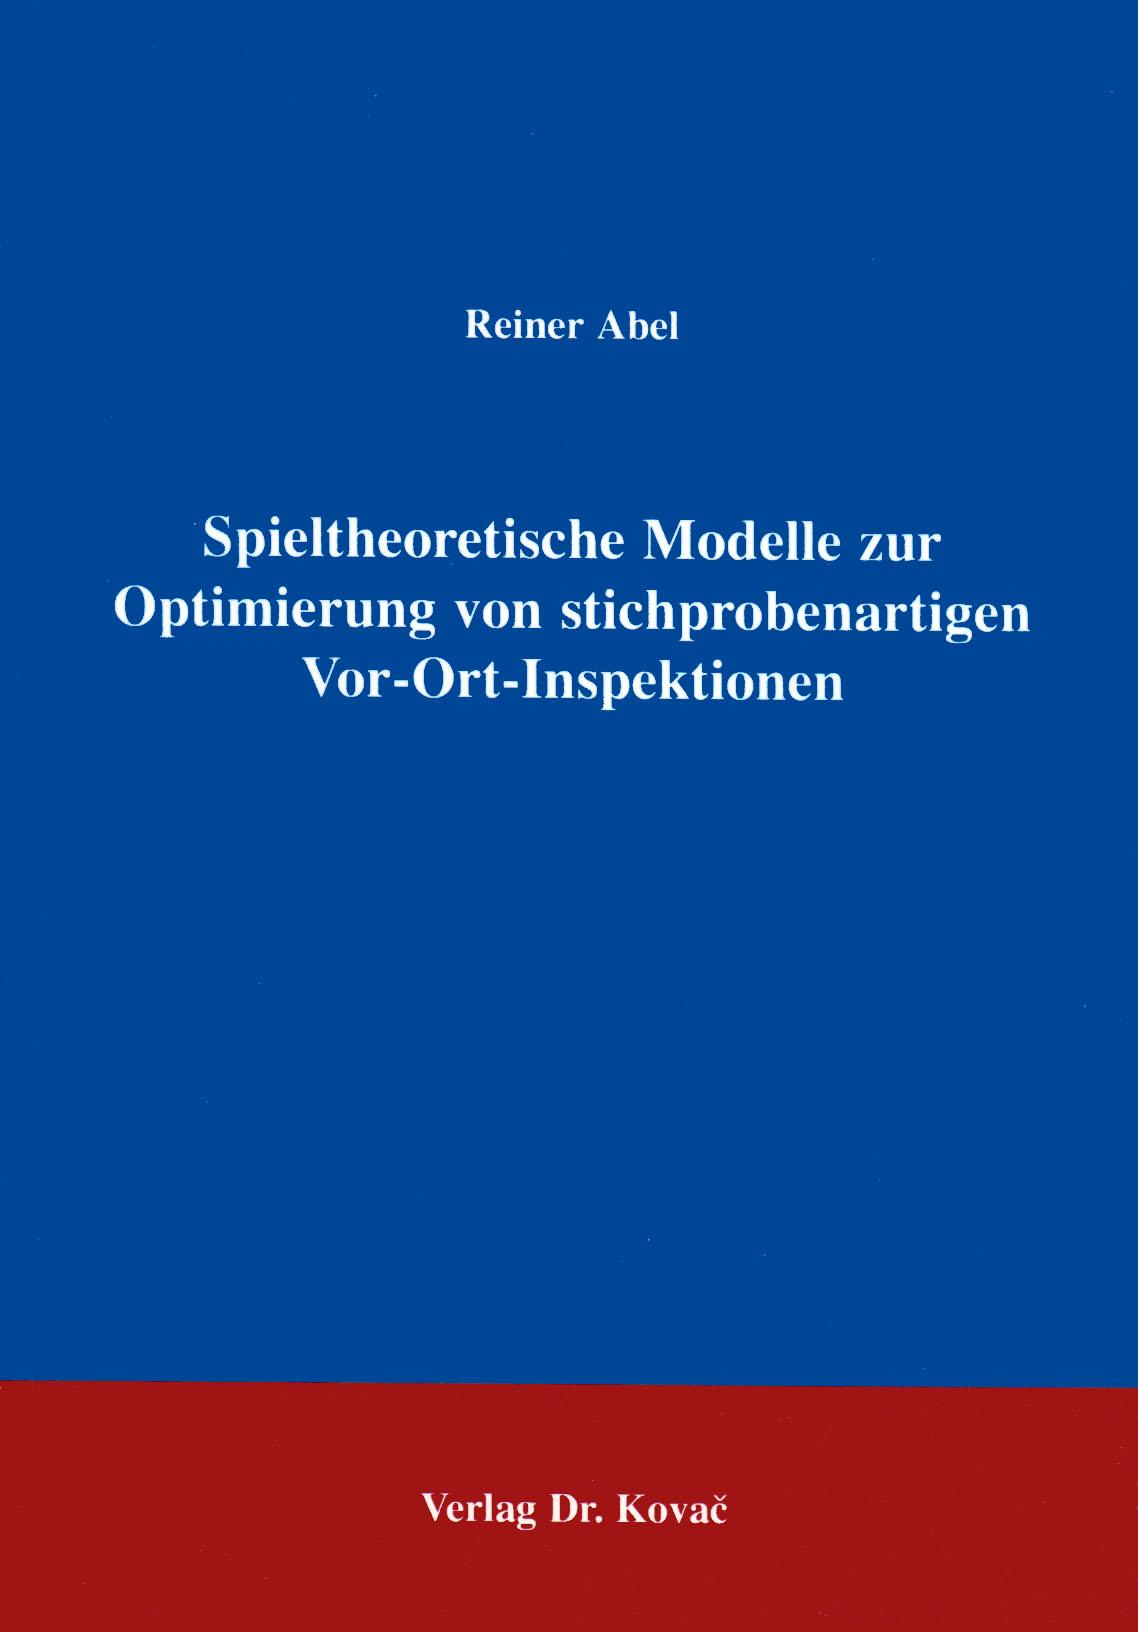 Cover: Spieltheoretische Modelle zur Optimierung von stichprobenartigen Vor-Ort-Inspektionen